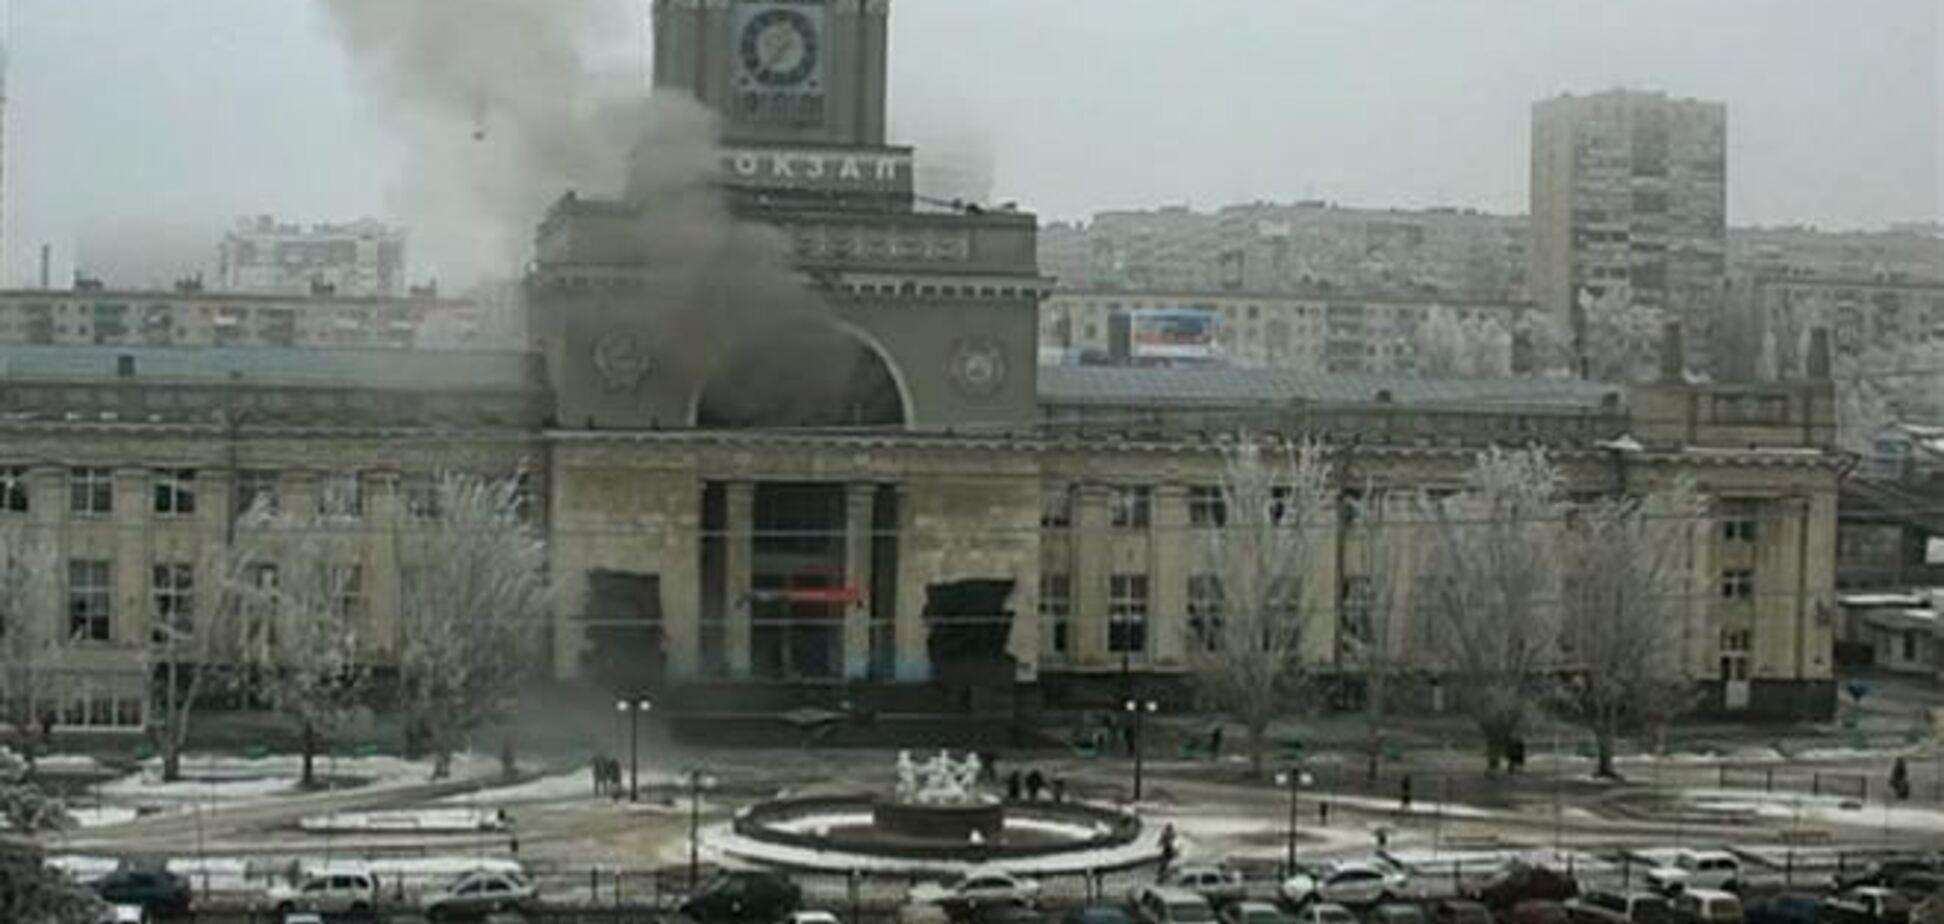 По всему Волгограду полиция проводит массовую зачистку